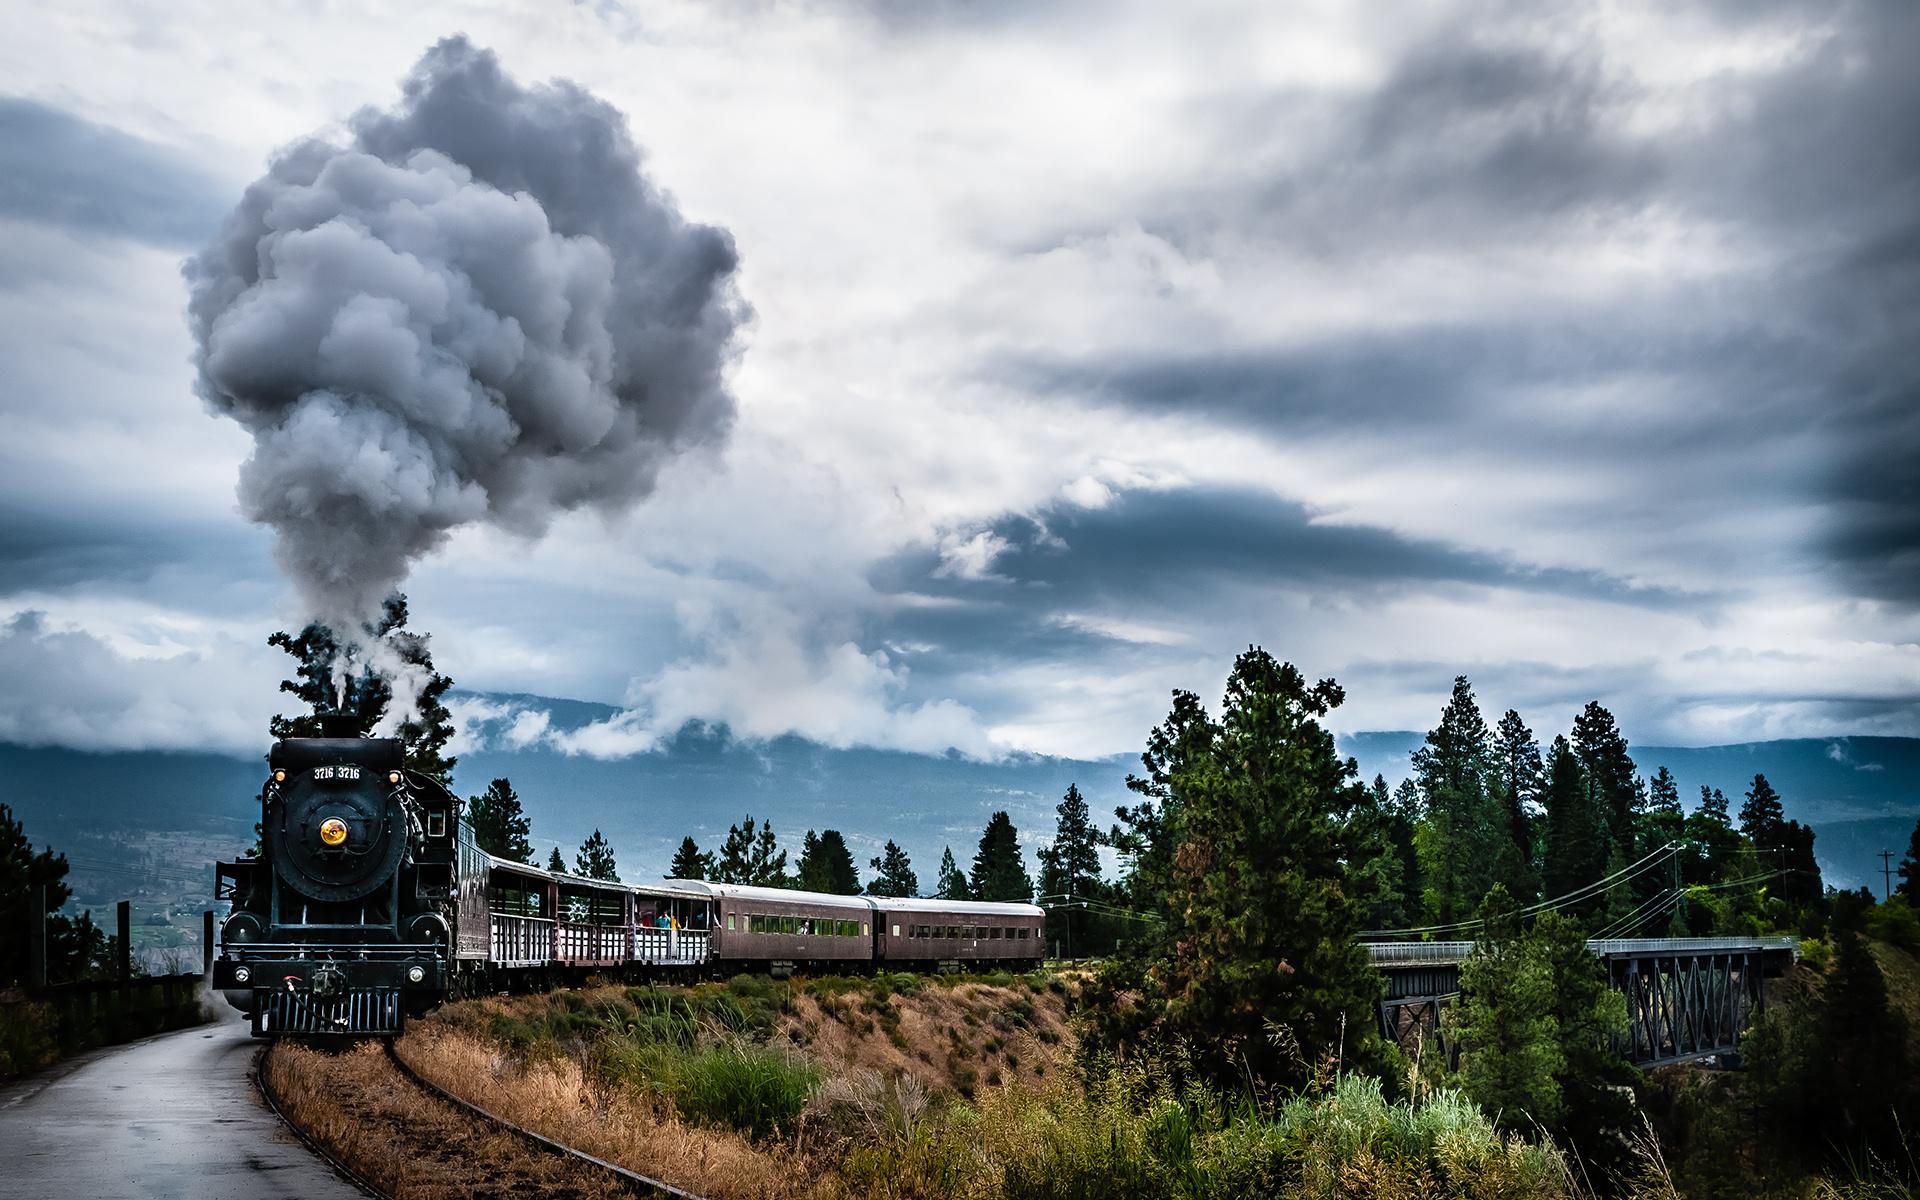 Лучшие фотографии поезд — pic 2